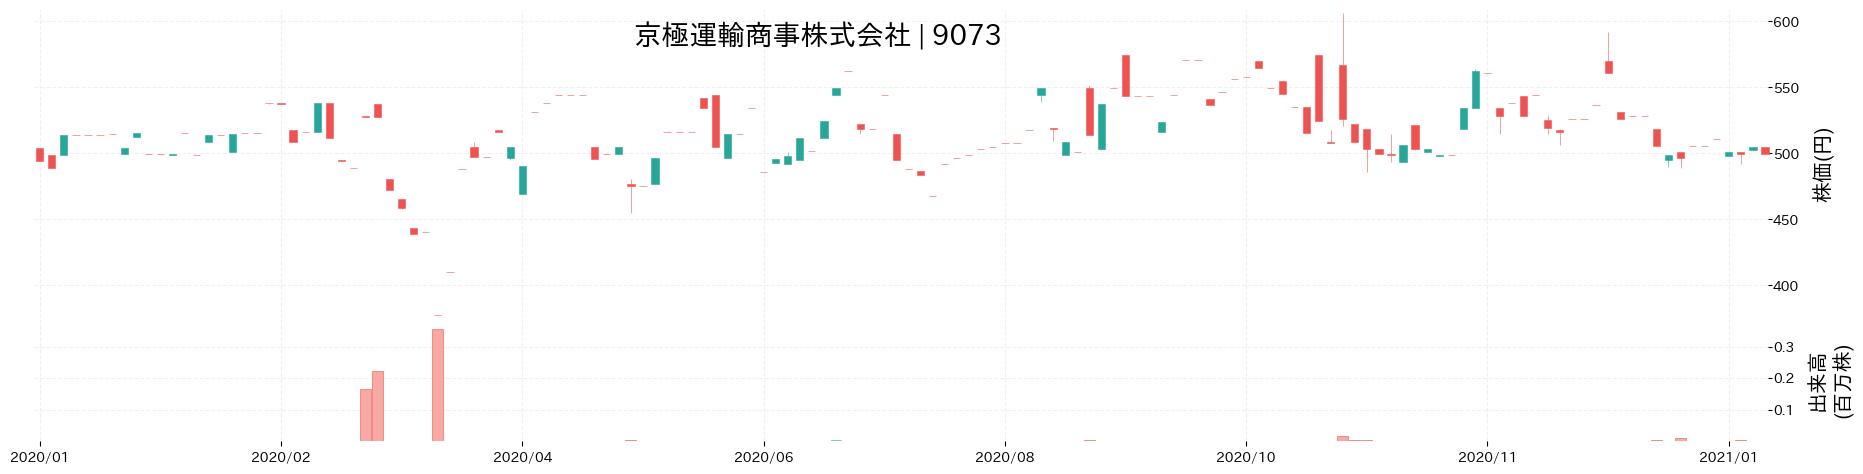 京極運輸商事株式会社の株価推移(2020)